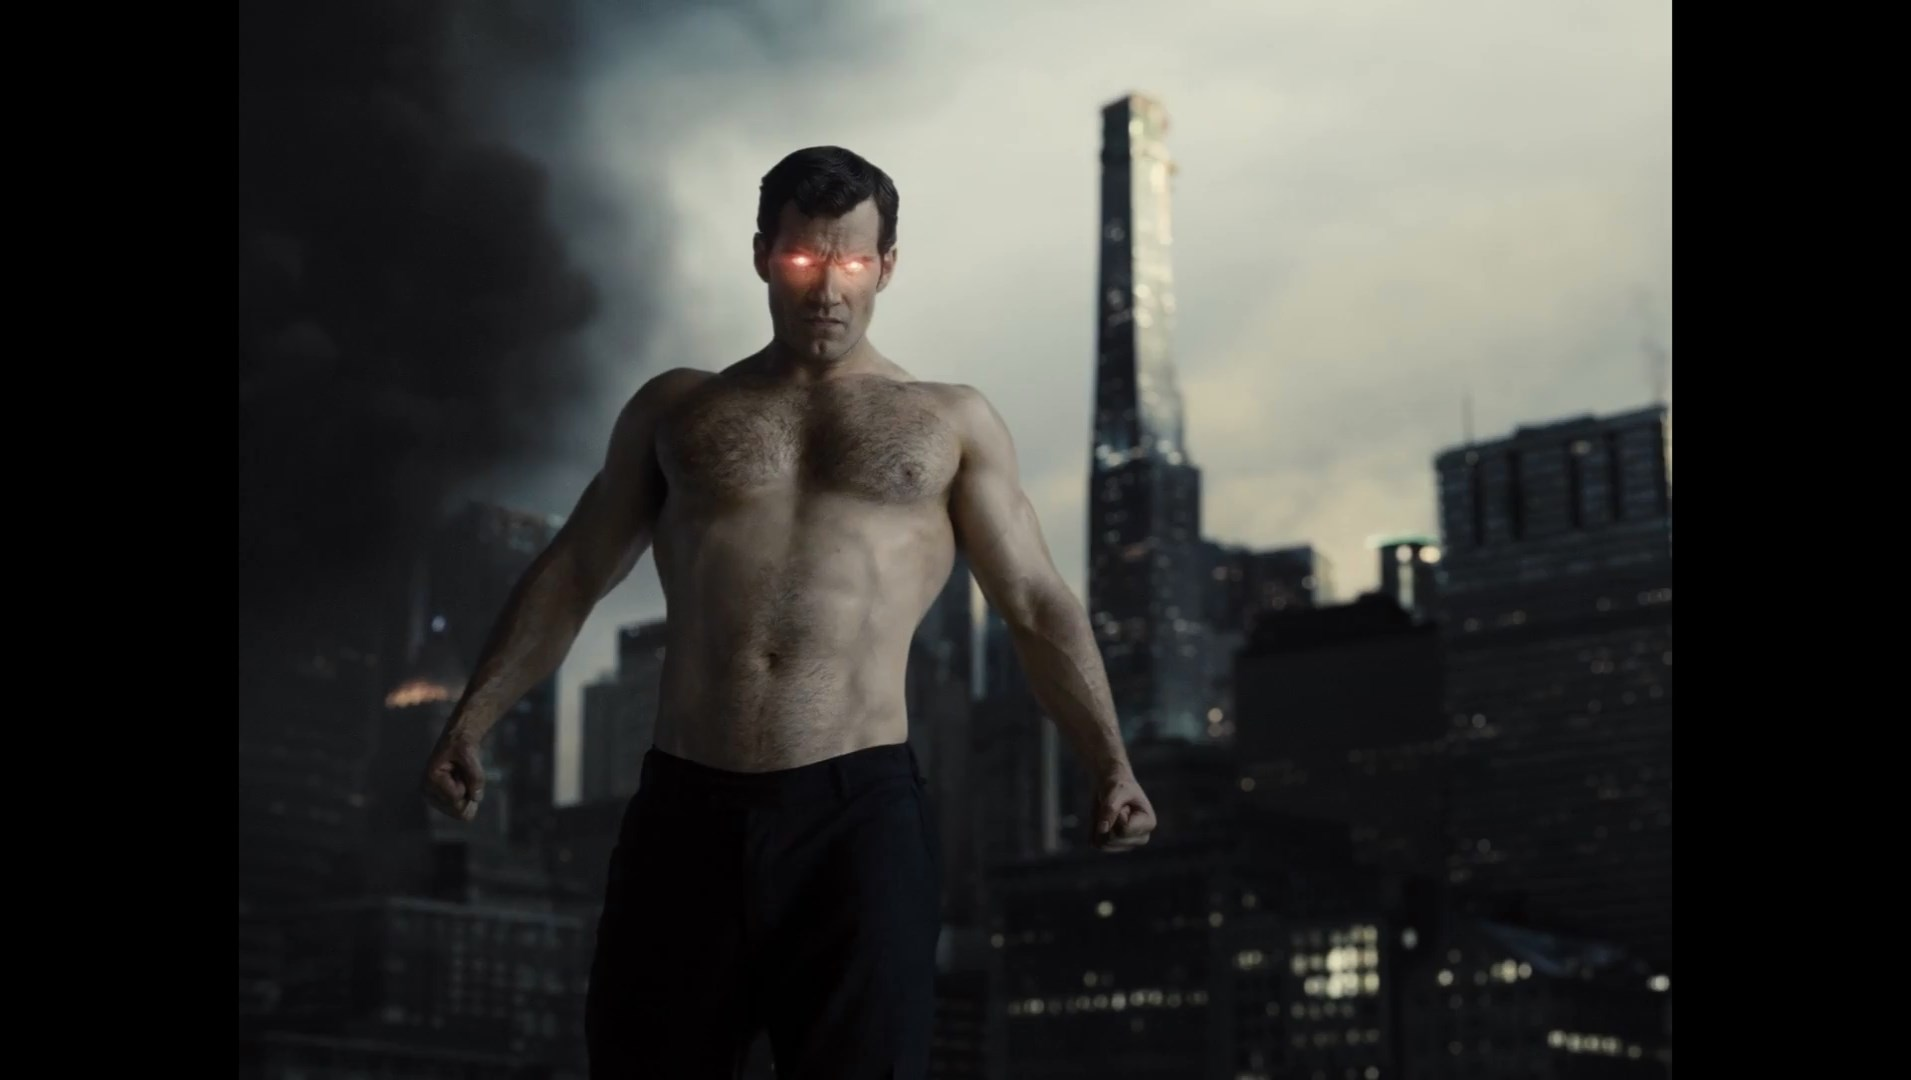 La Liga de la Justicia de Zack Snyder (2021) 1080p WEB-DL Latino